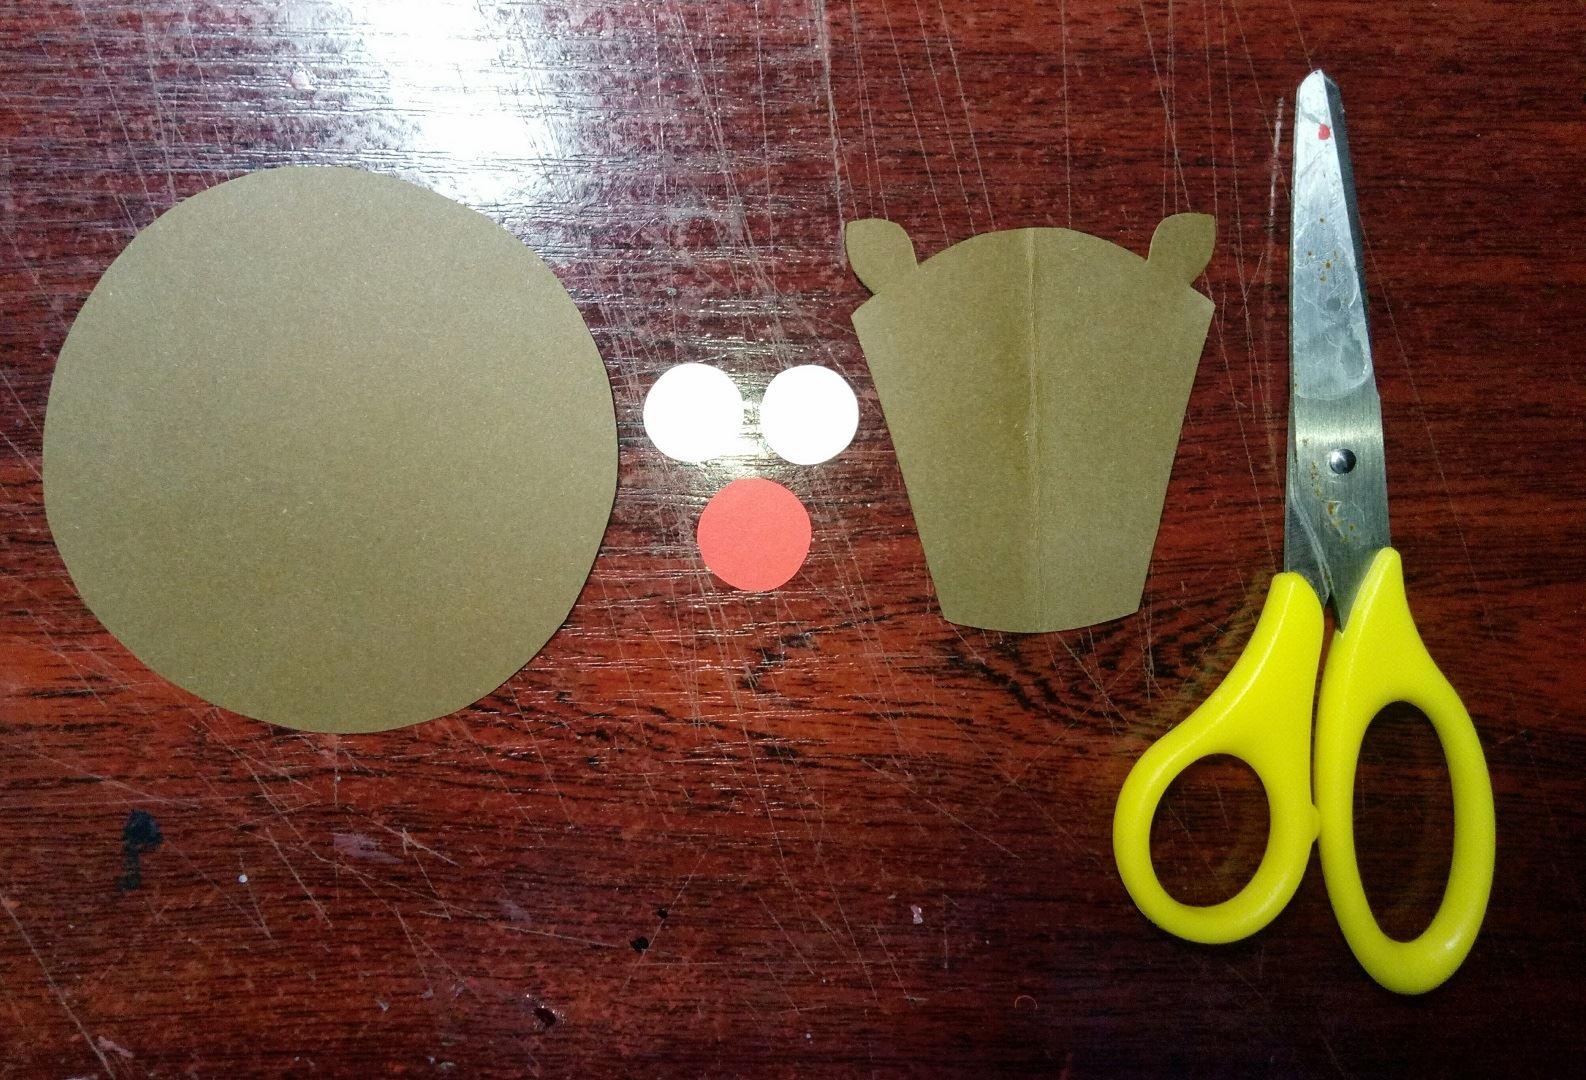 Вырезаем большой круг и фигурку головы с ушками оленя, из картона коричневого цвета. Также нам понадобится 2 малых кружка белого и, один чуть больший, красного цвета